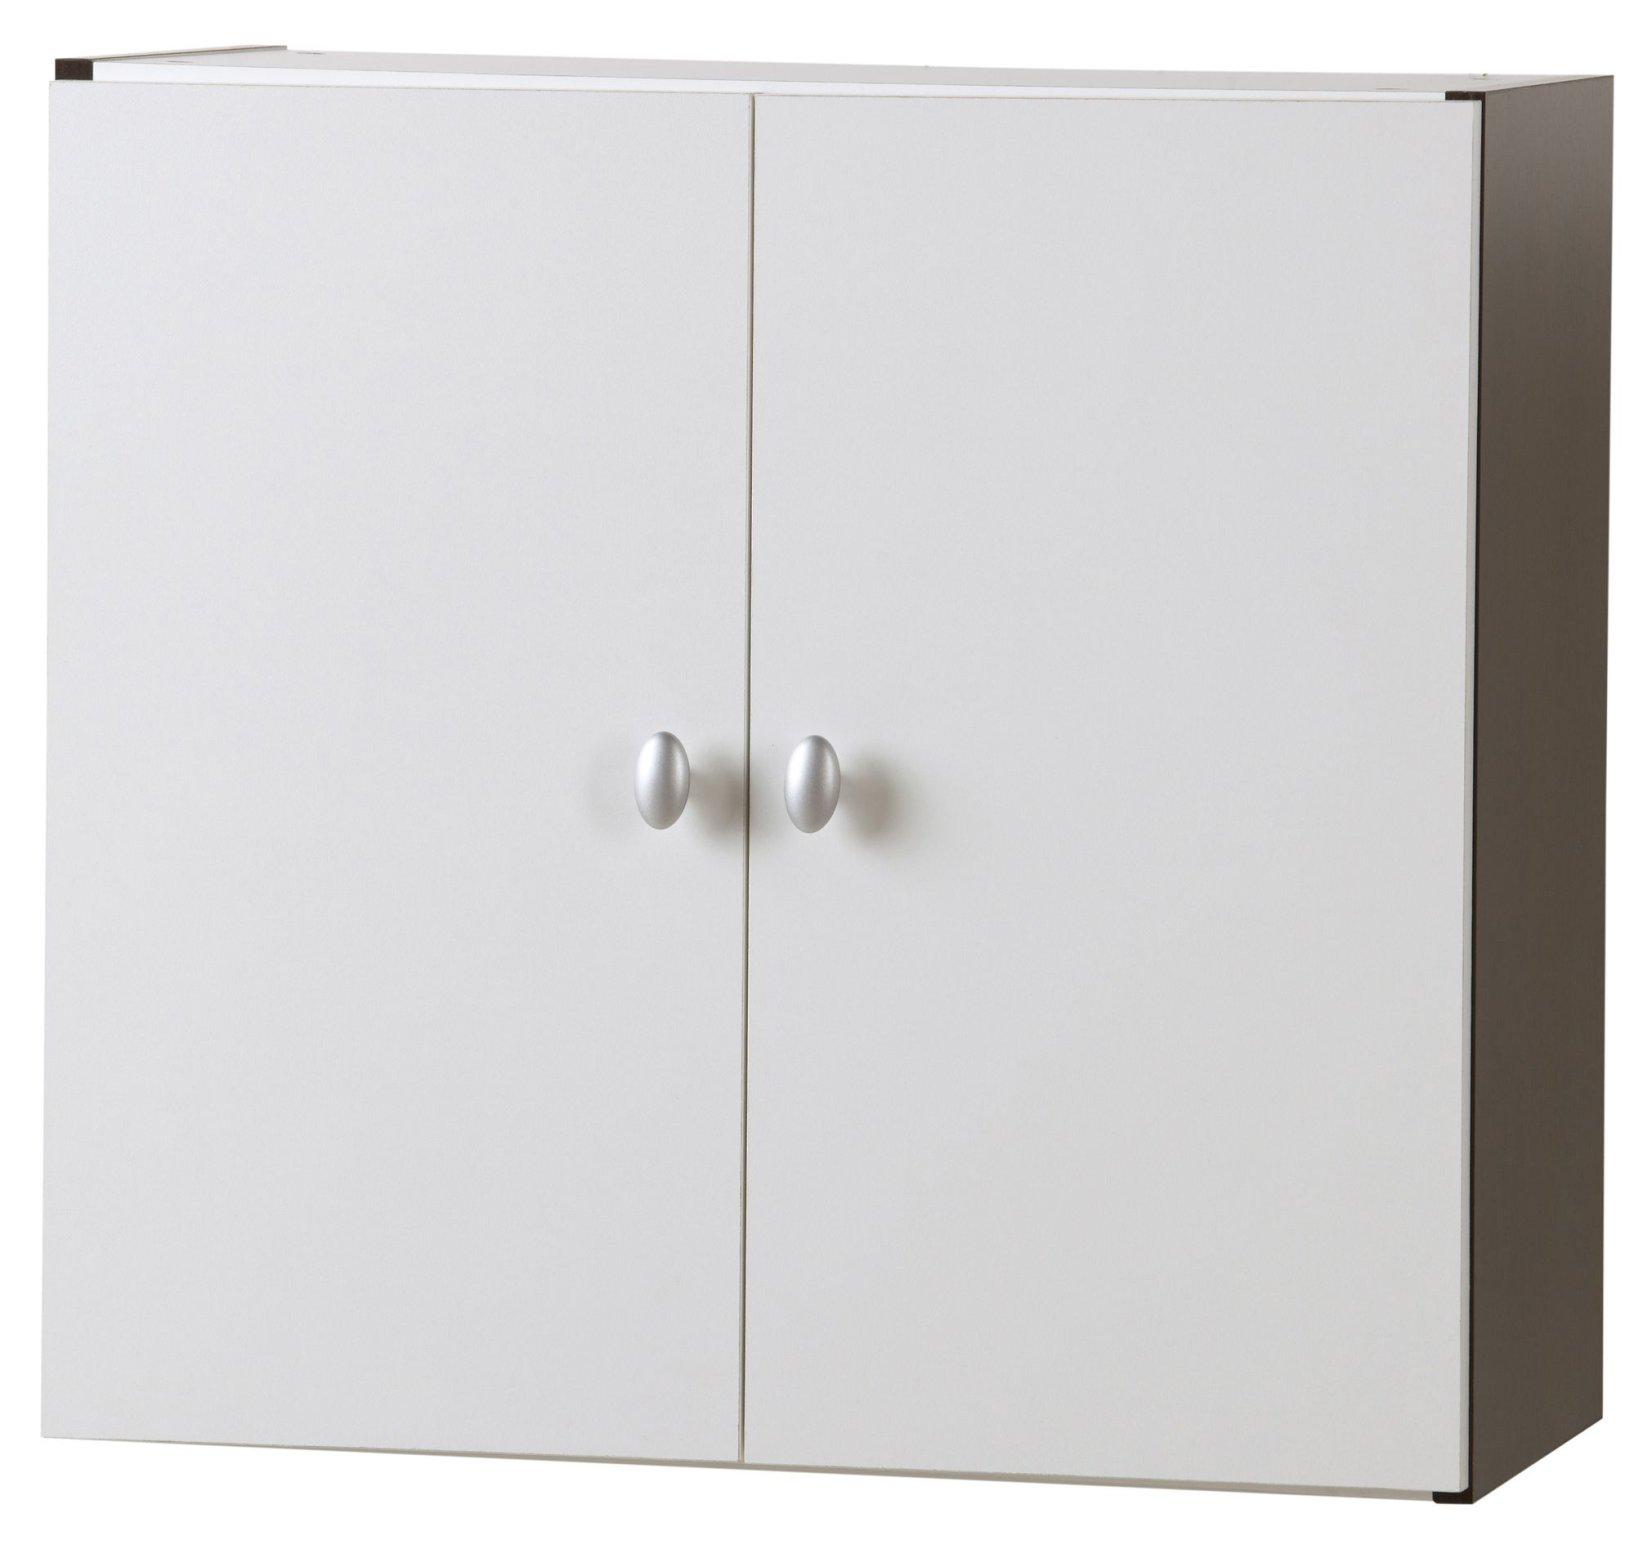 Photo meuble haut de salle de bain 2 portes a suspendre for Meuble haut salle de bain une porte